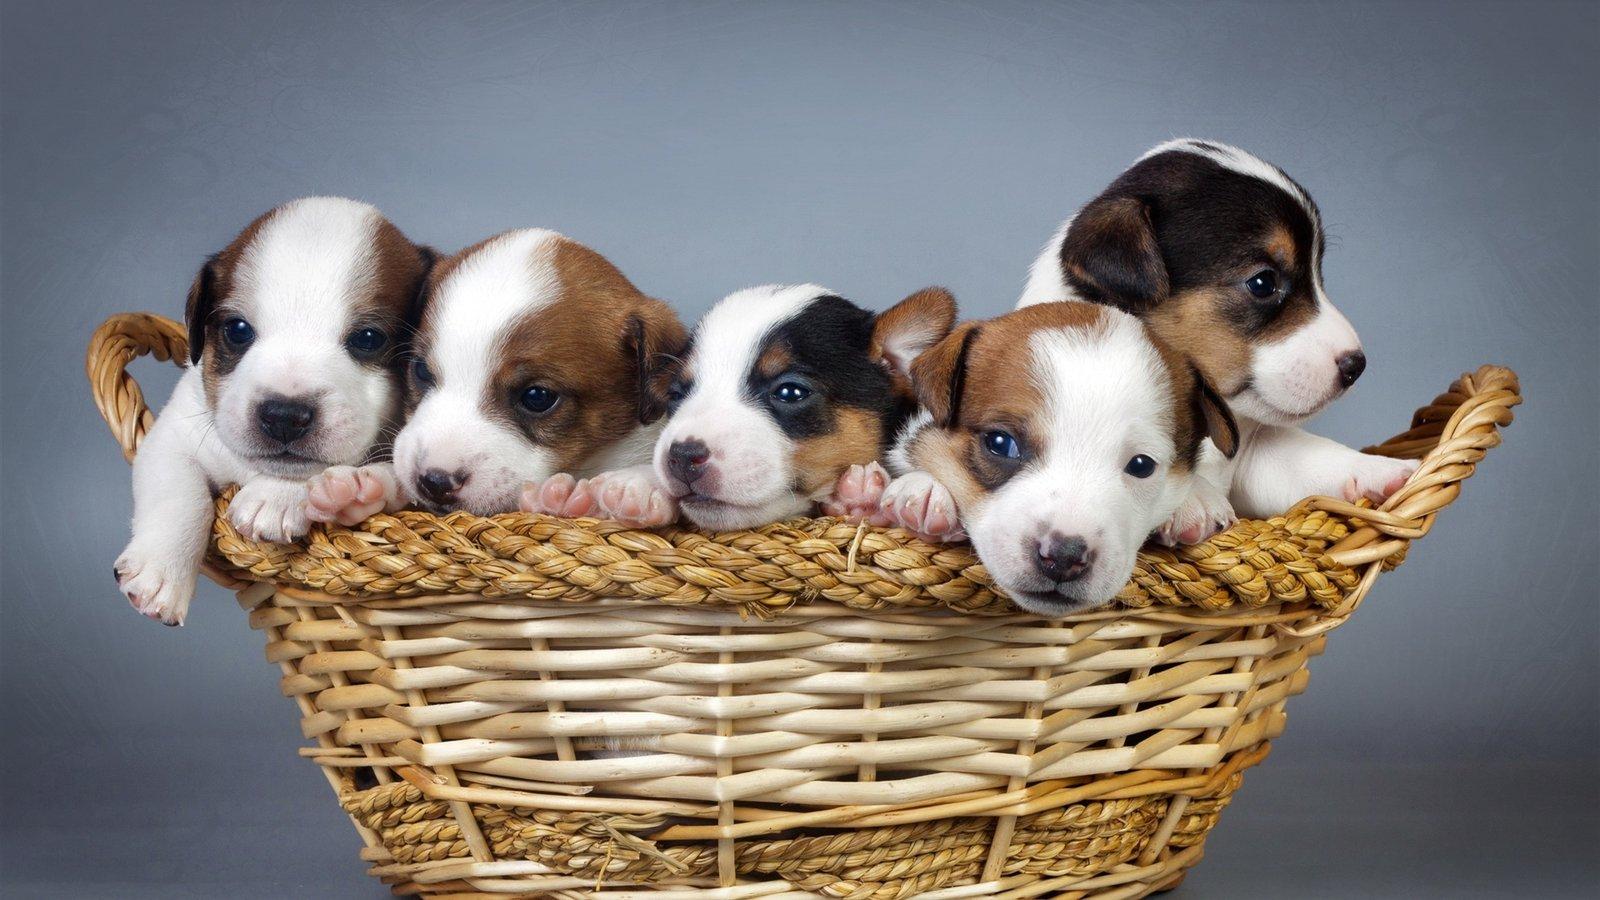 动物性较大全狗_最全的狗狗智商排名,1-79名全集,第27名那个太强了!结尾有